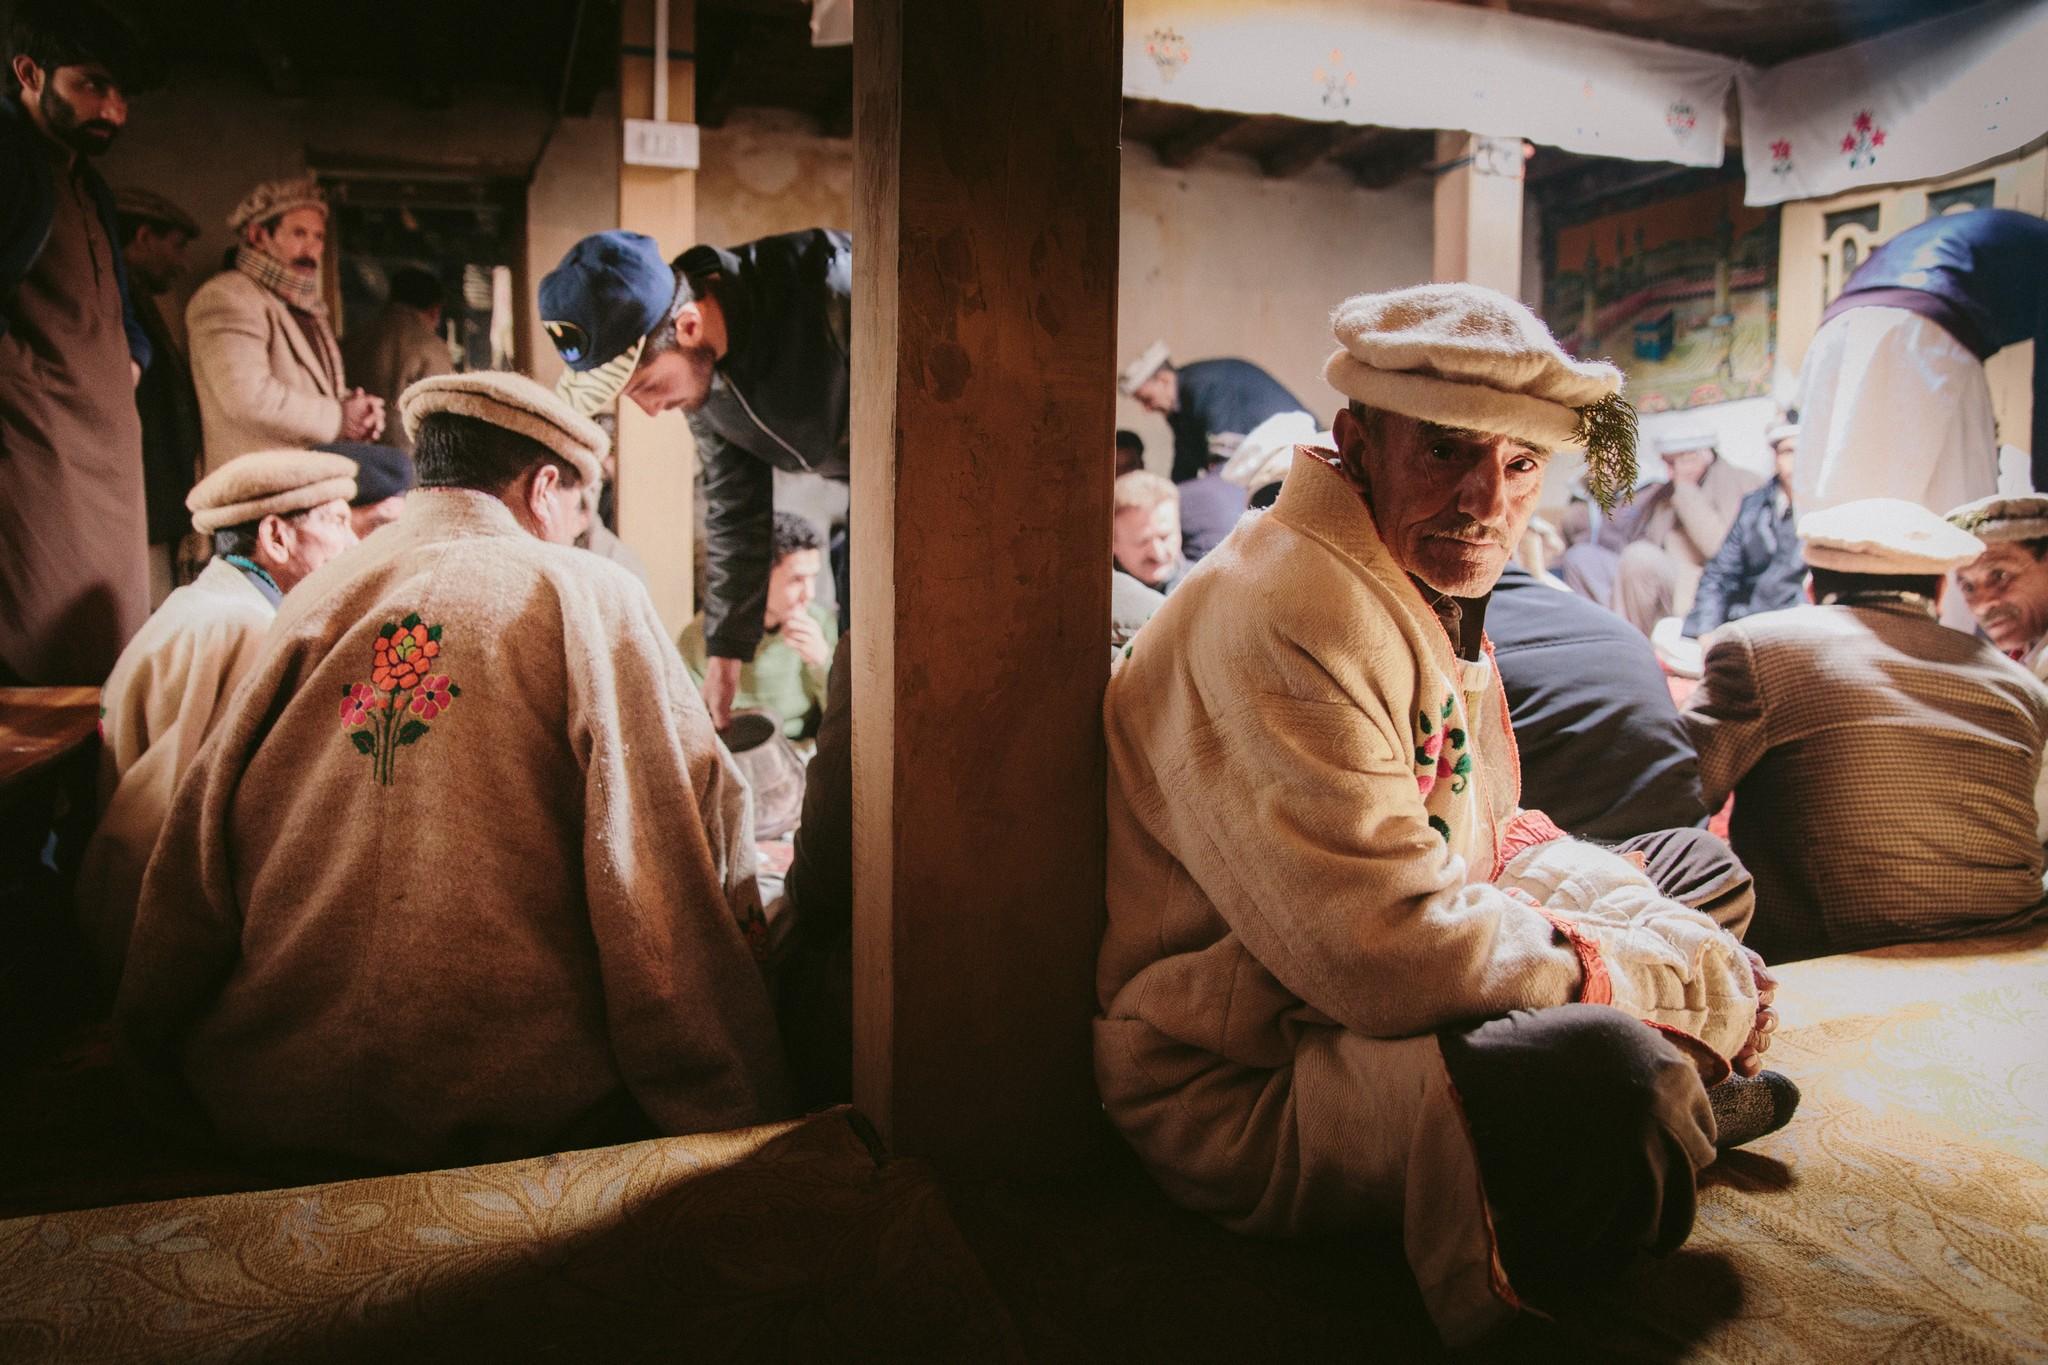 Reportážní fotografie: naučte se fotkami vyprávět příběhy